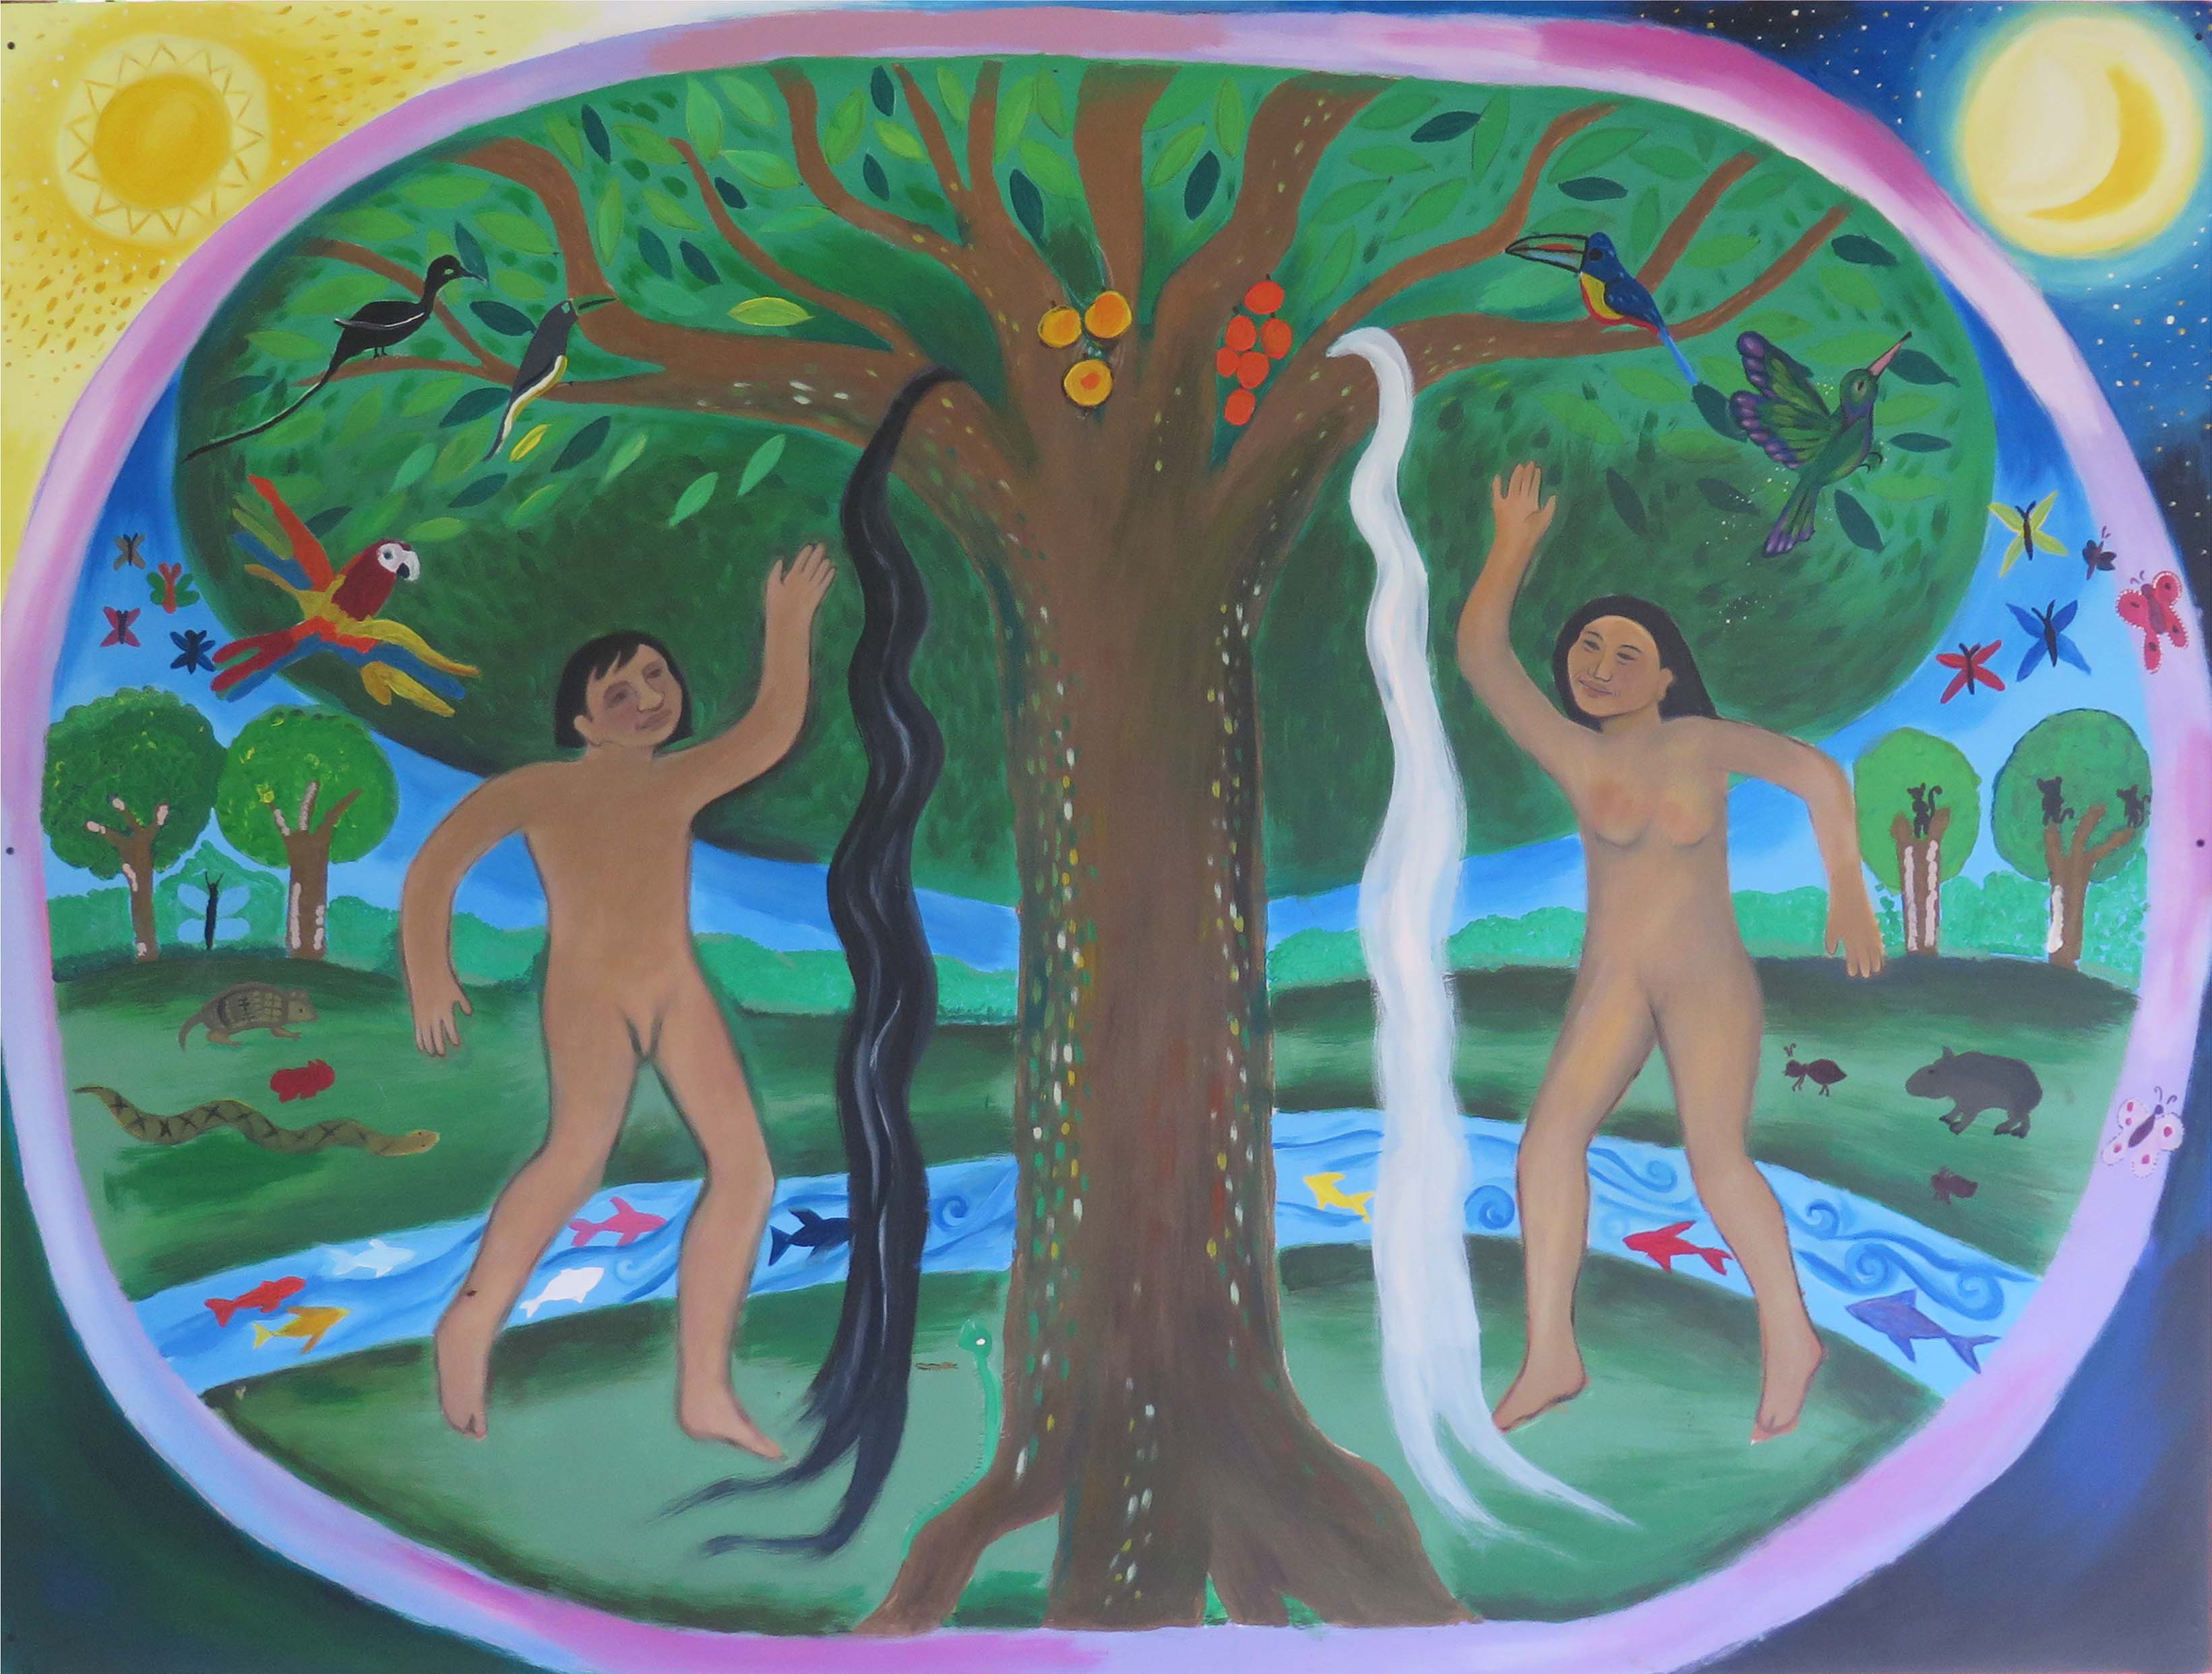 Mural colectivo comunidad awa putumayo